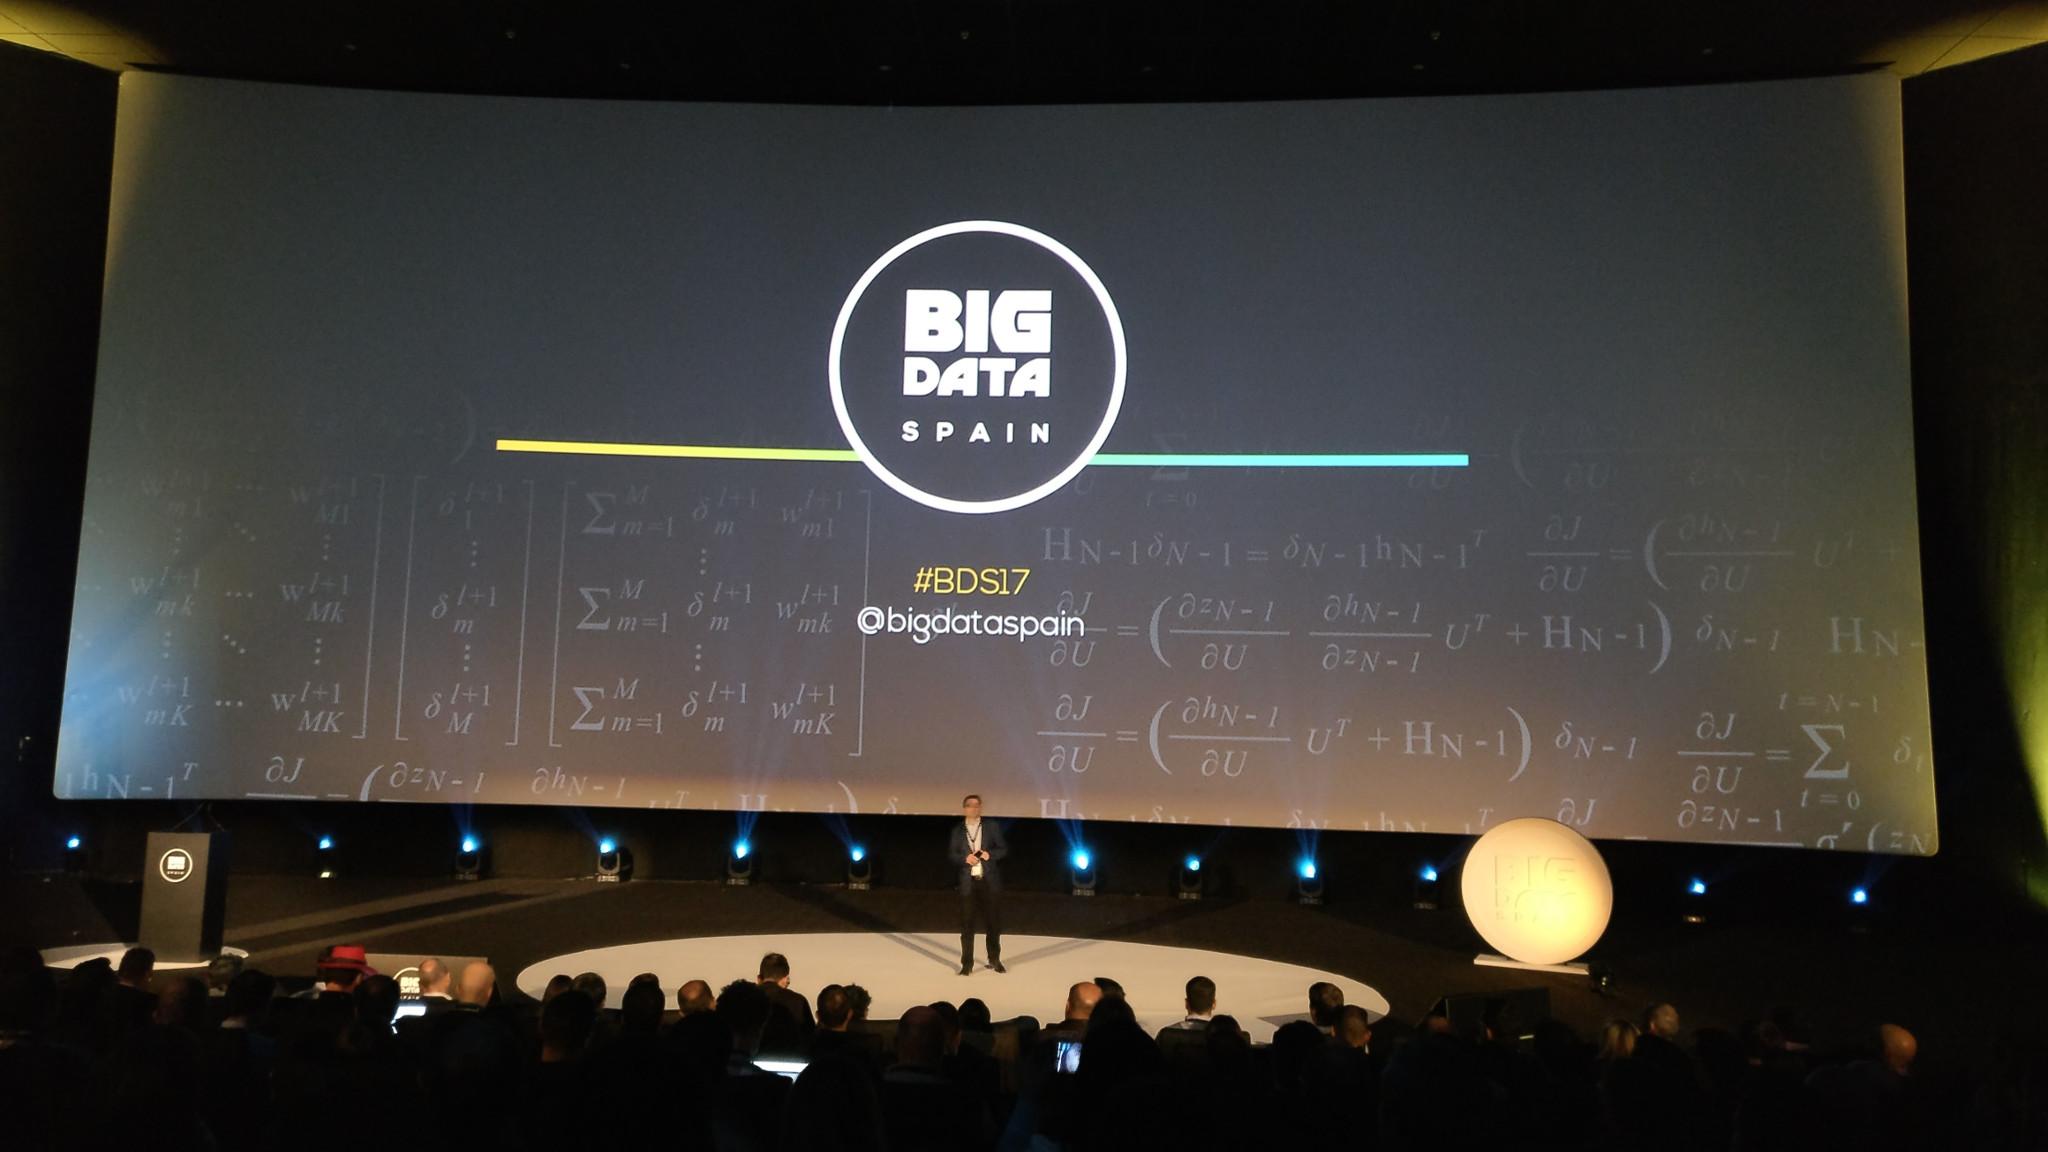 Big Data Spain 2017